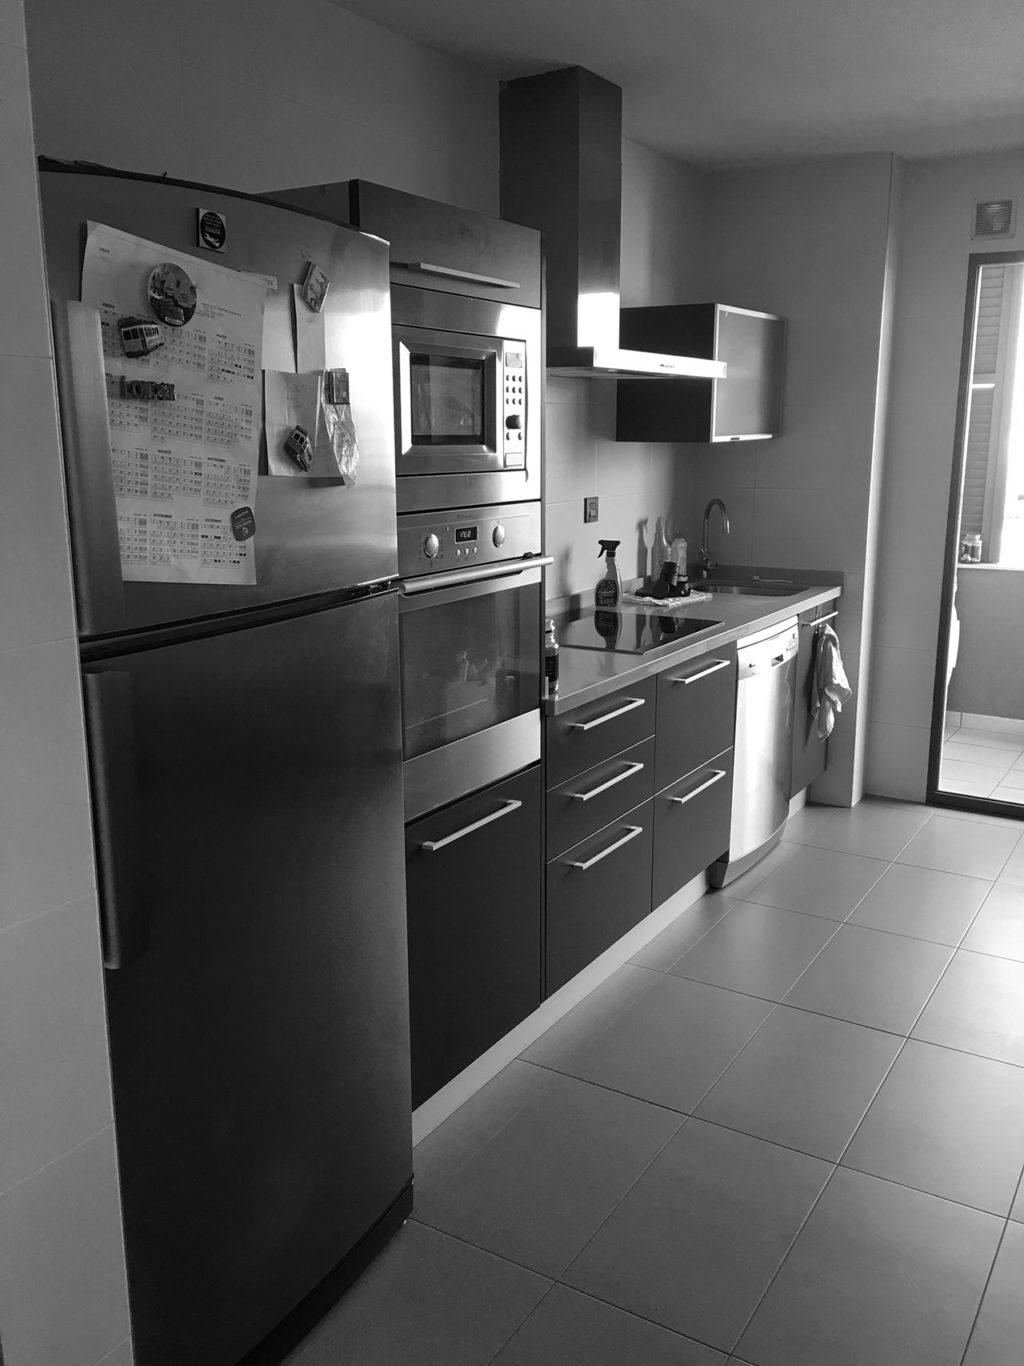 Estado previo de reforma de vivienda de estilo moderno con cocina americana